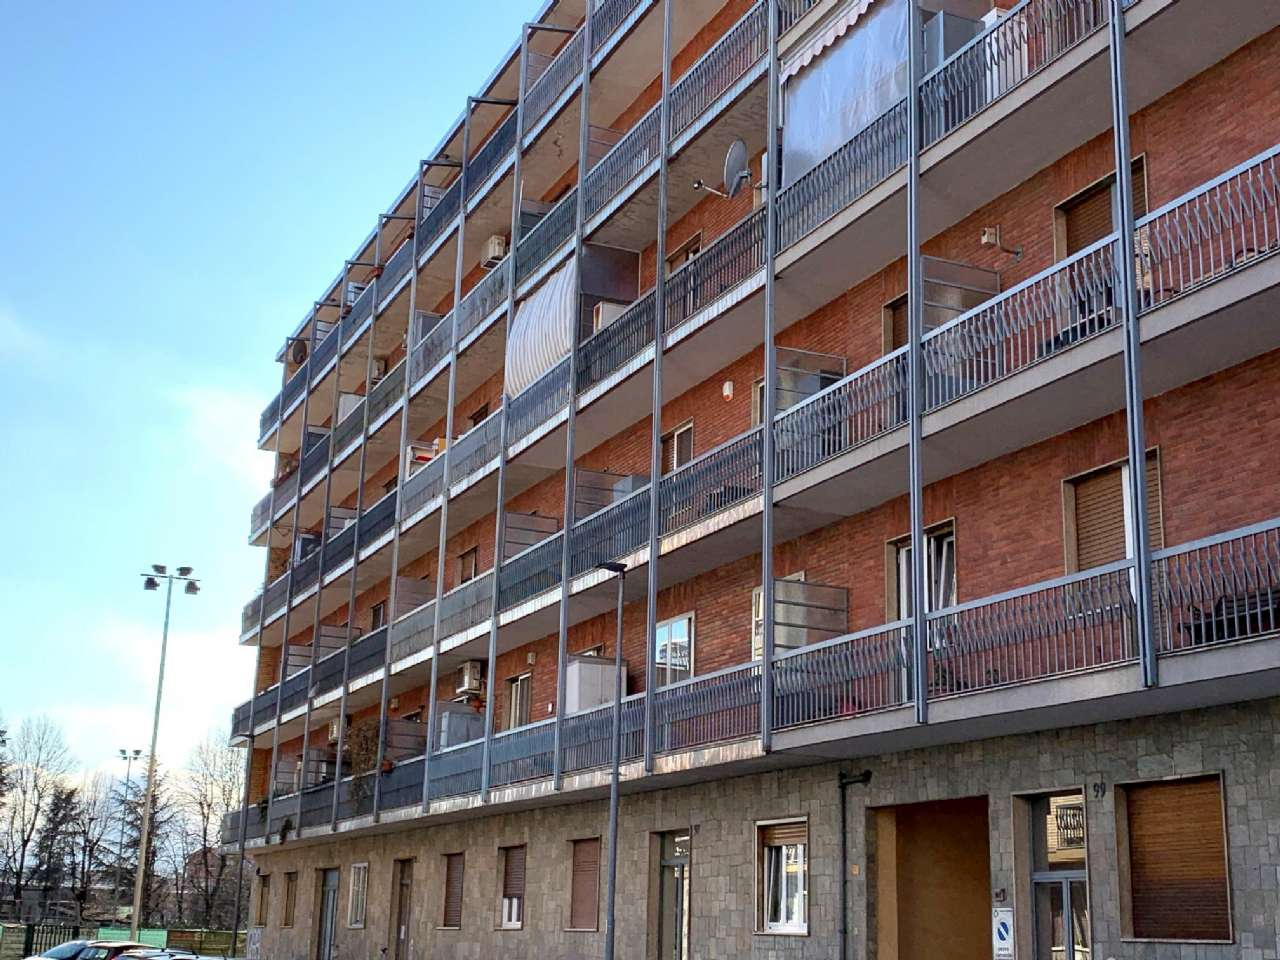 Appartamento in vendita a Nichelino, 2 locali, prezzo € 69.000 | CambioCasa.it